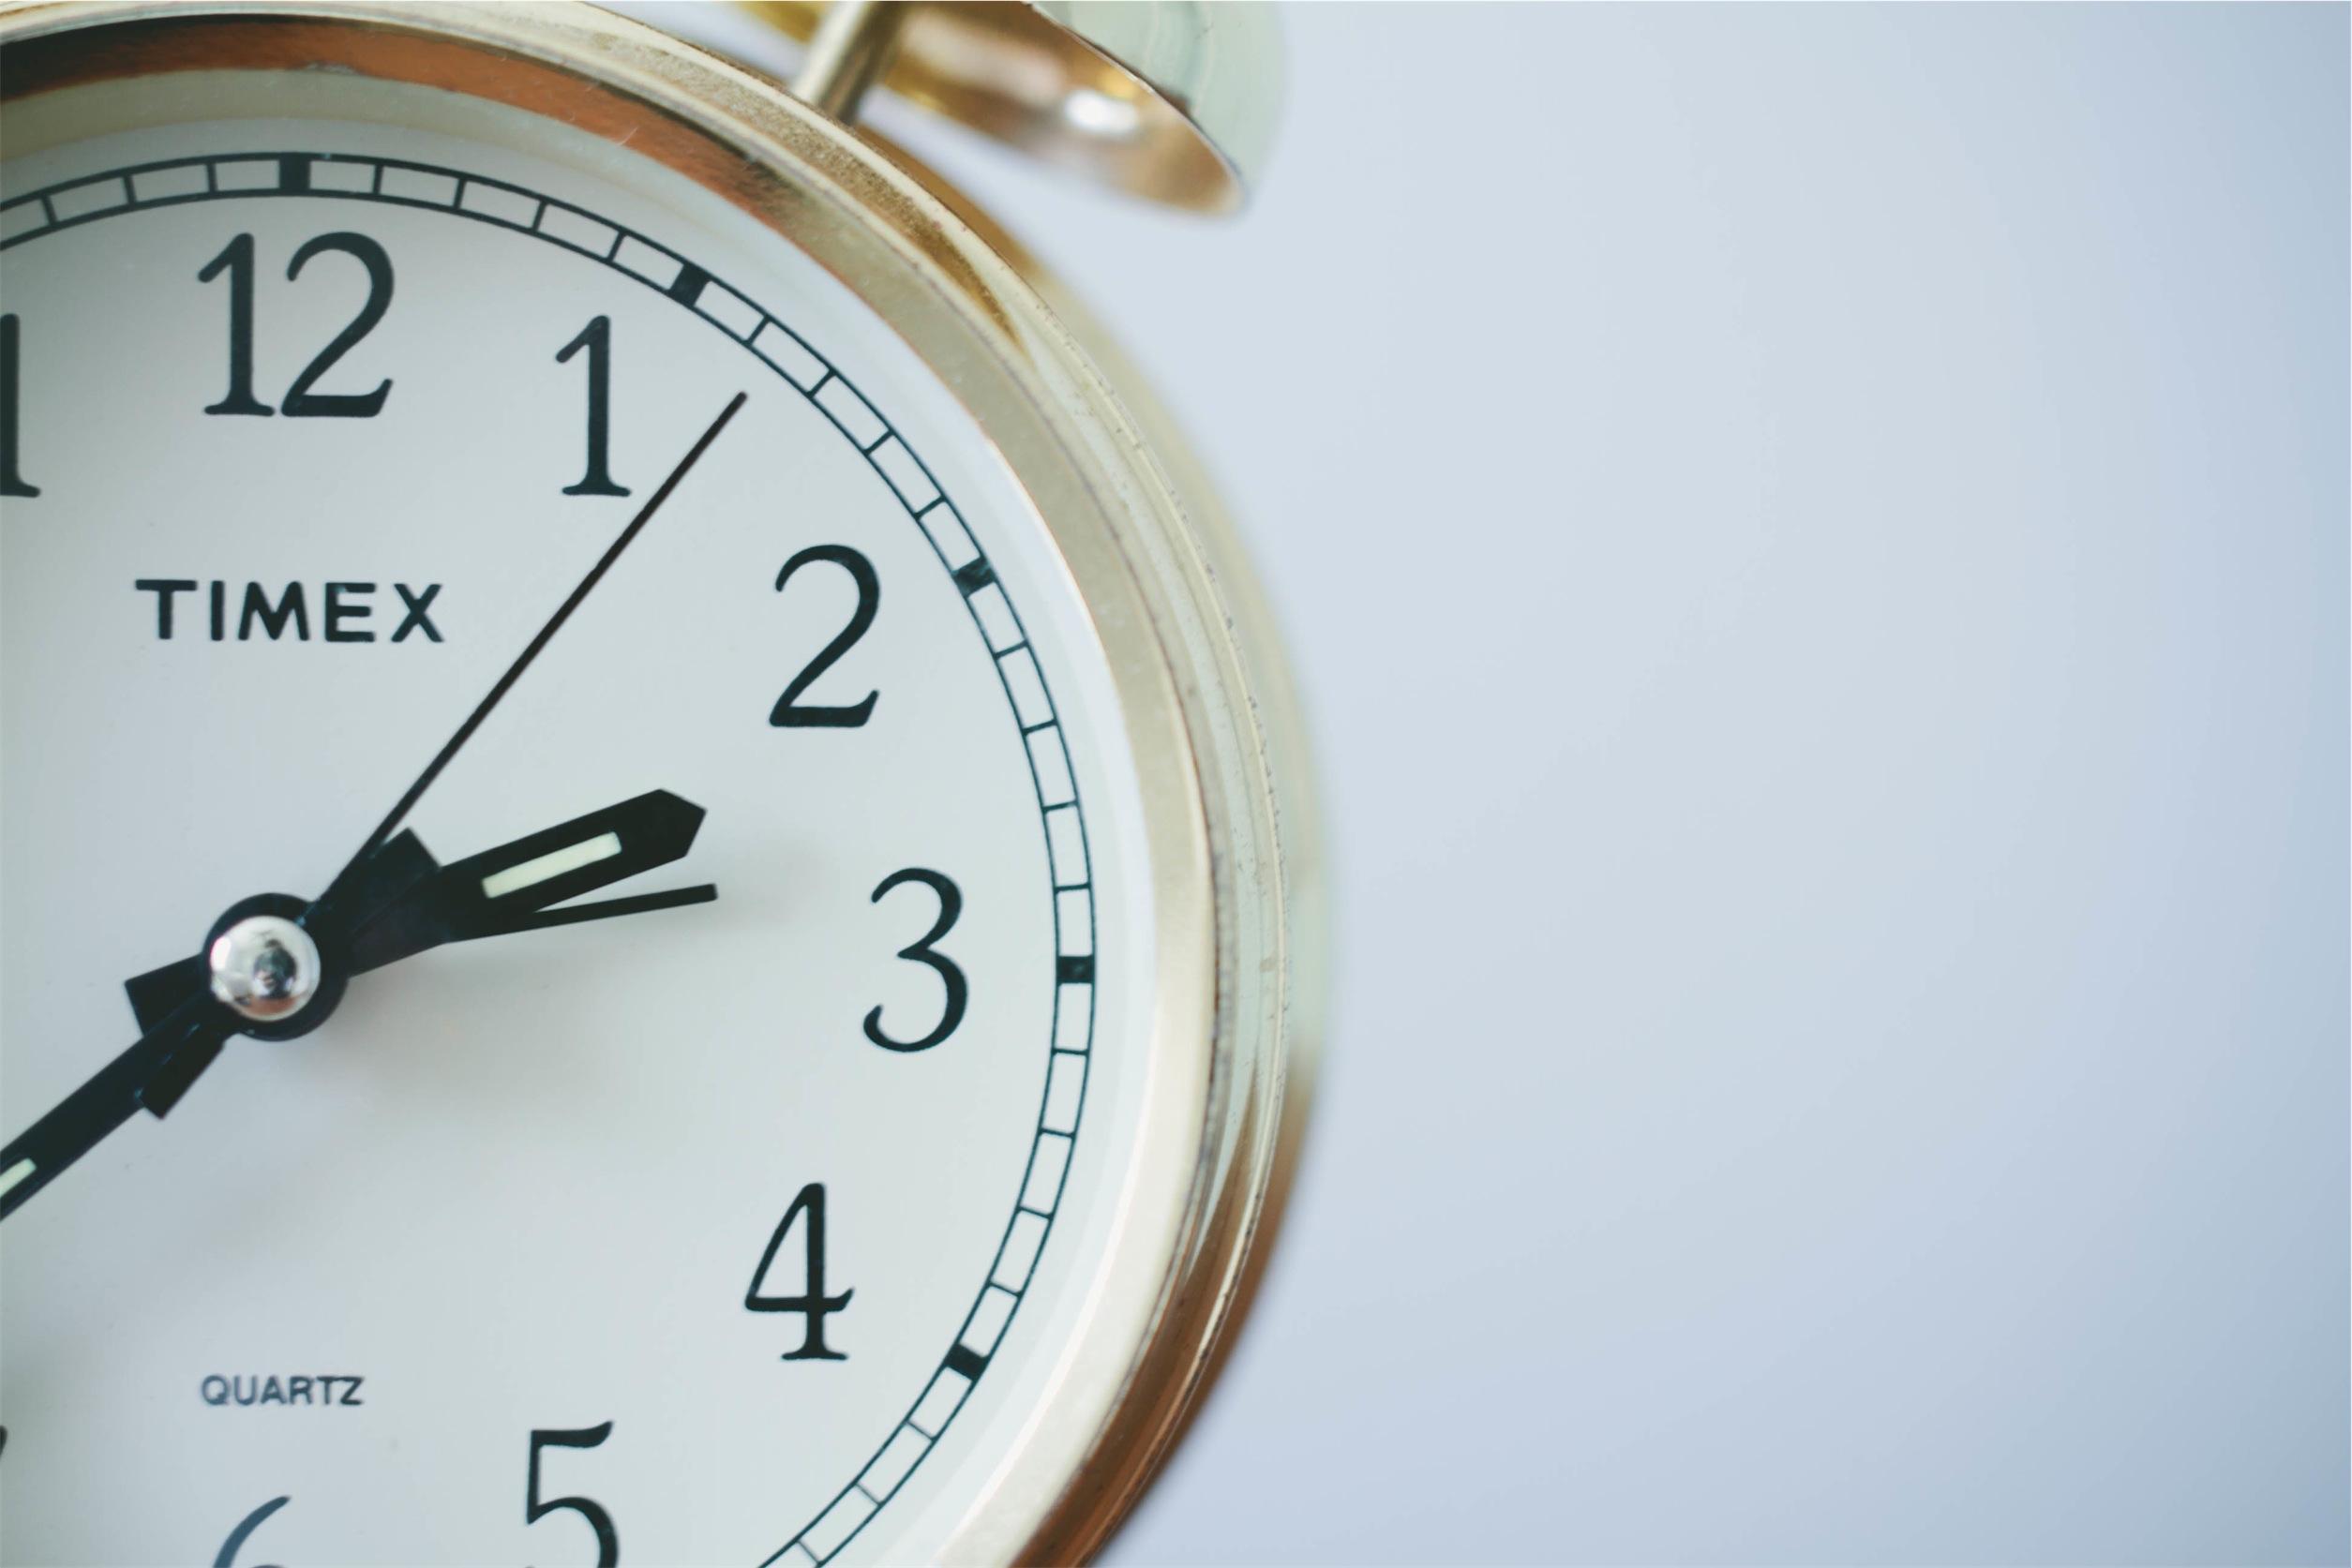 Half a clock